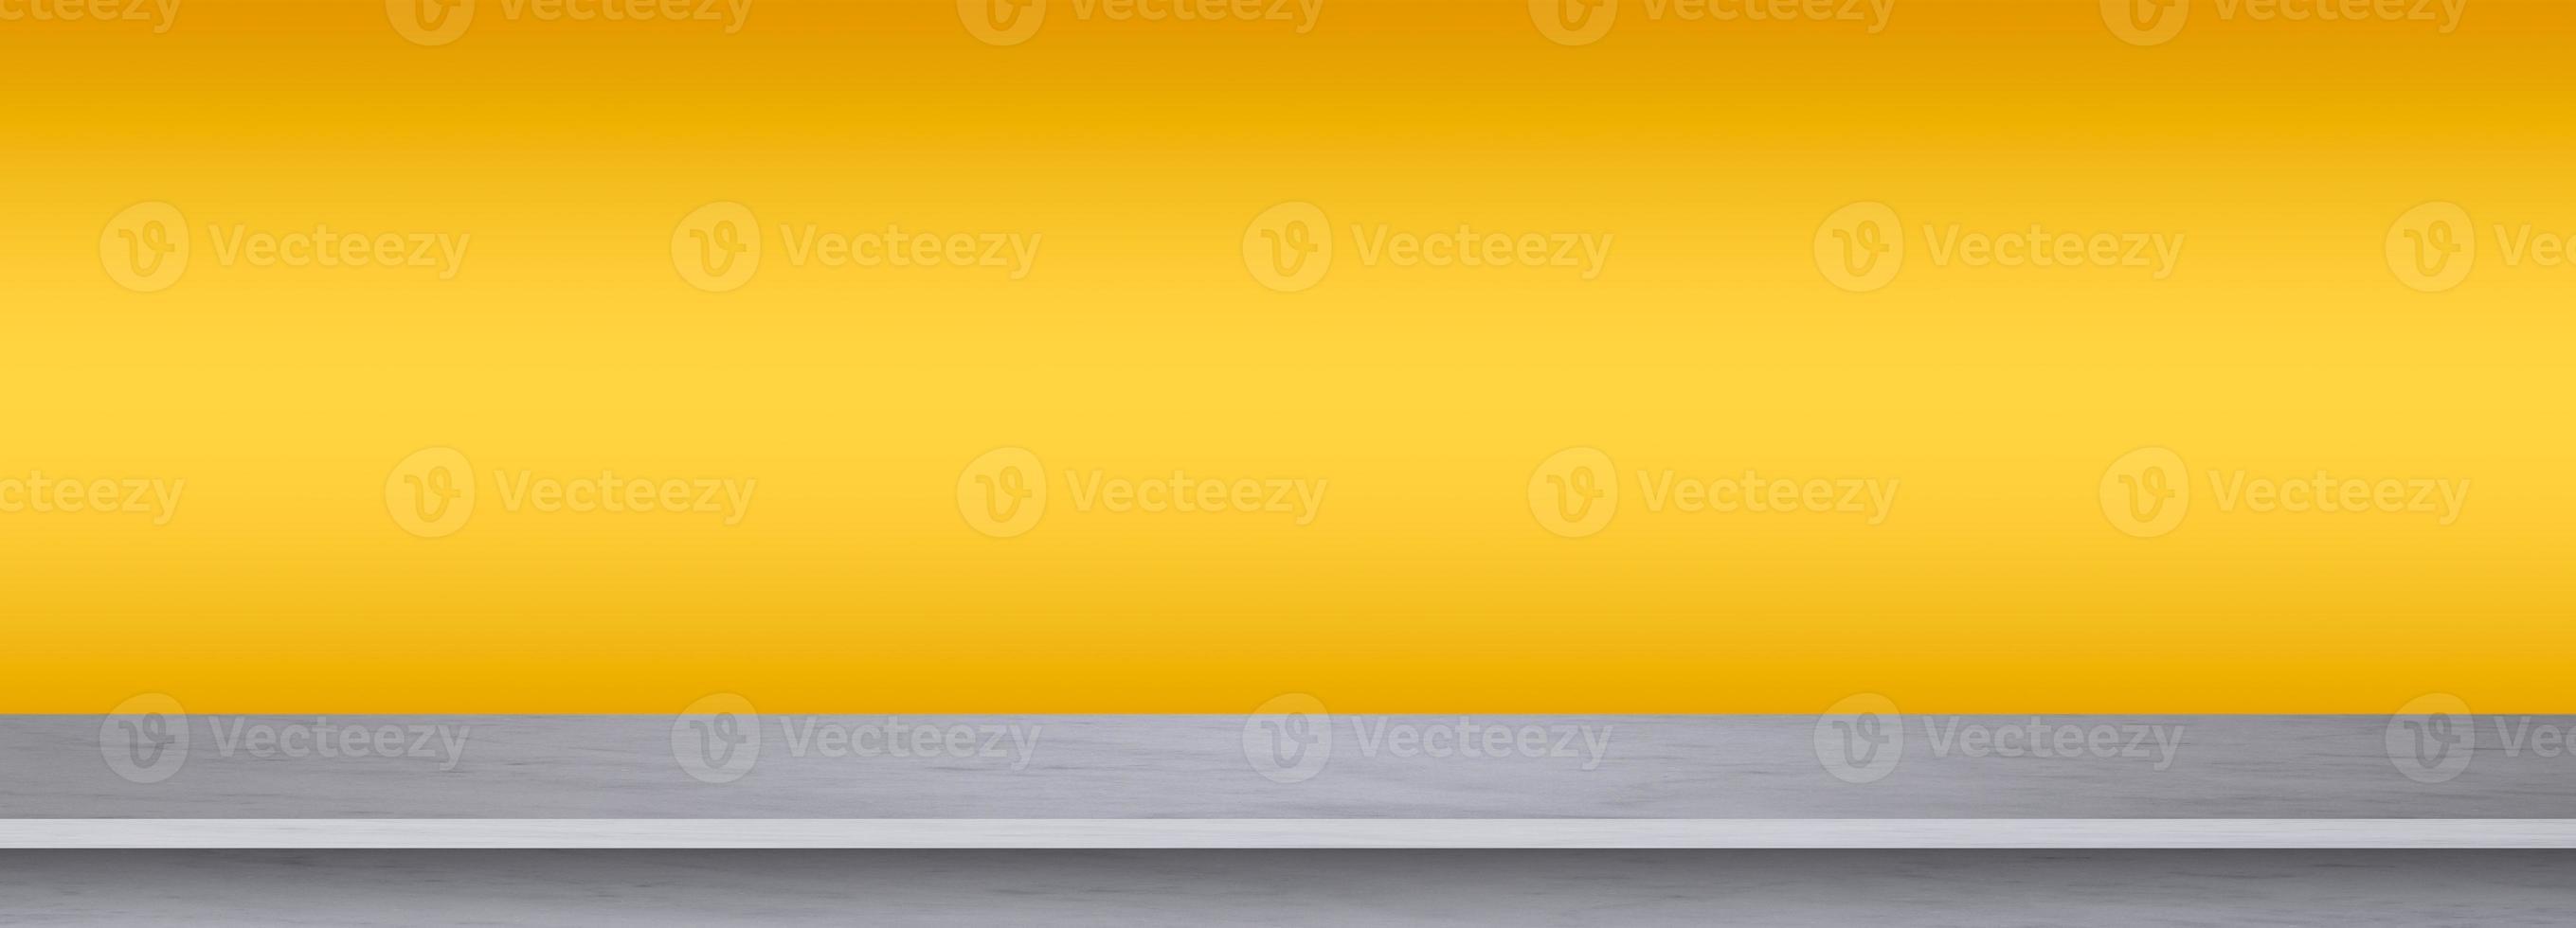 textura de mármol blanco sobre fondo amarillo foto